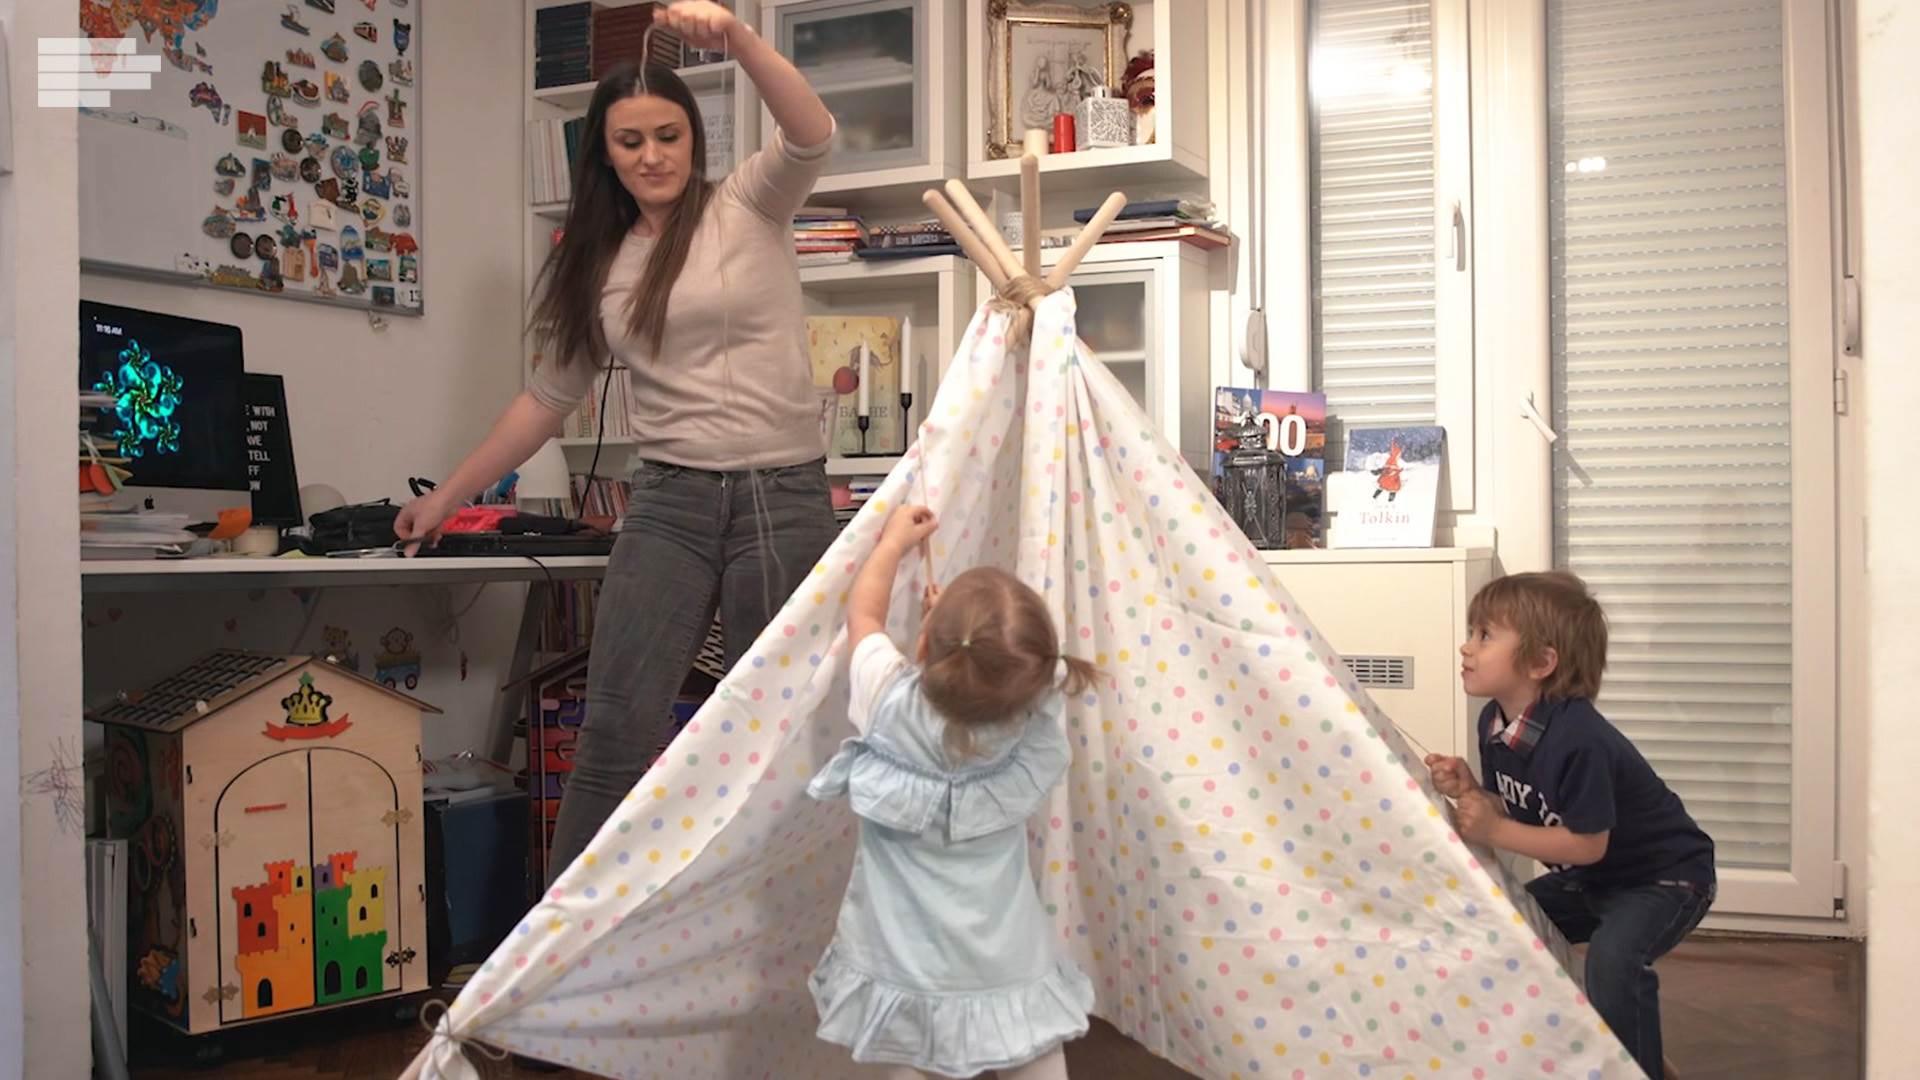 Napravite šator sa klincima, lako i uz puno zabave!